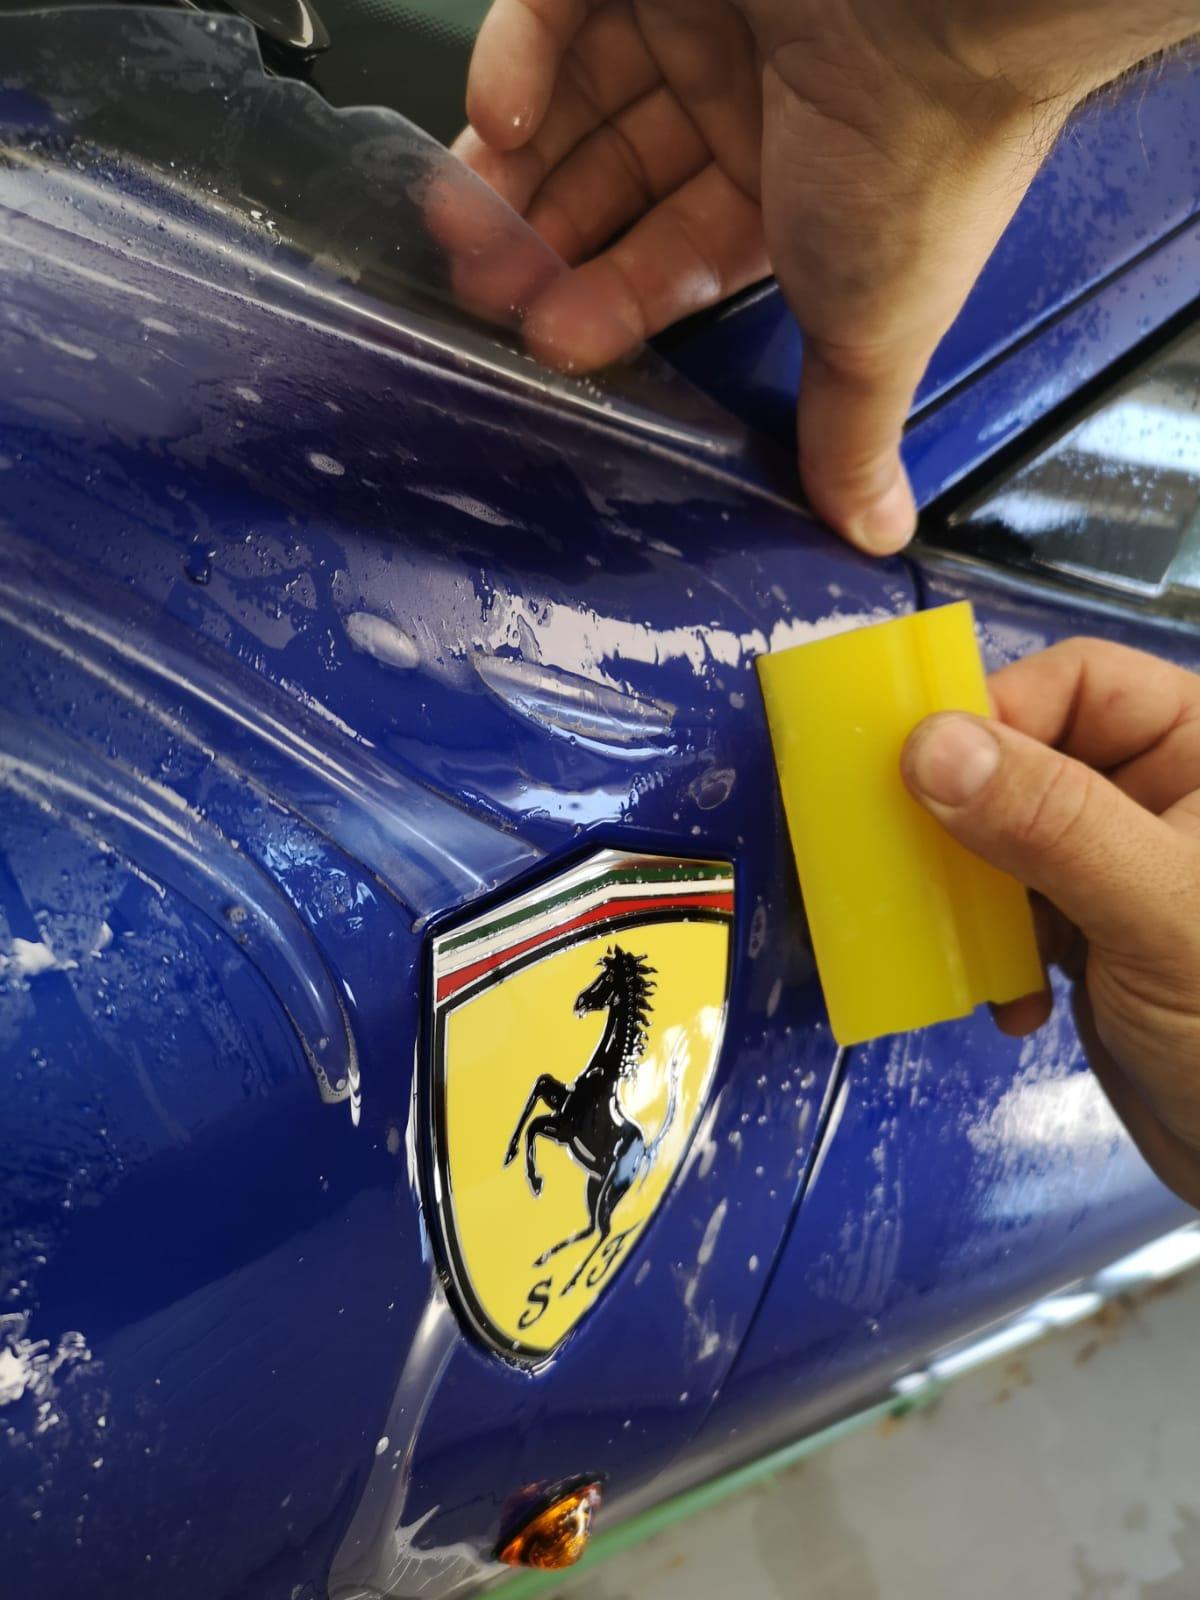 Ferrari 488 Pista Paint Protection Film